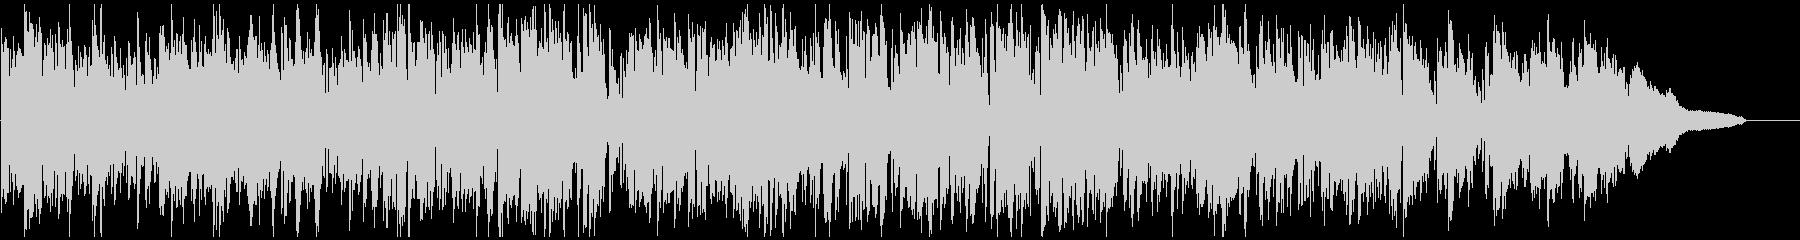 綺麗なメロディのアップテンポなボサノバの未再生の波形